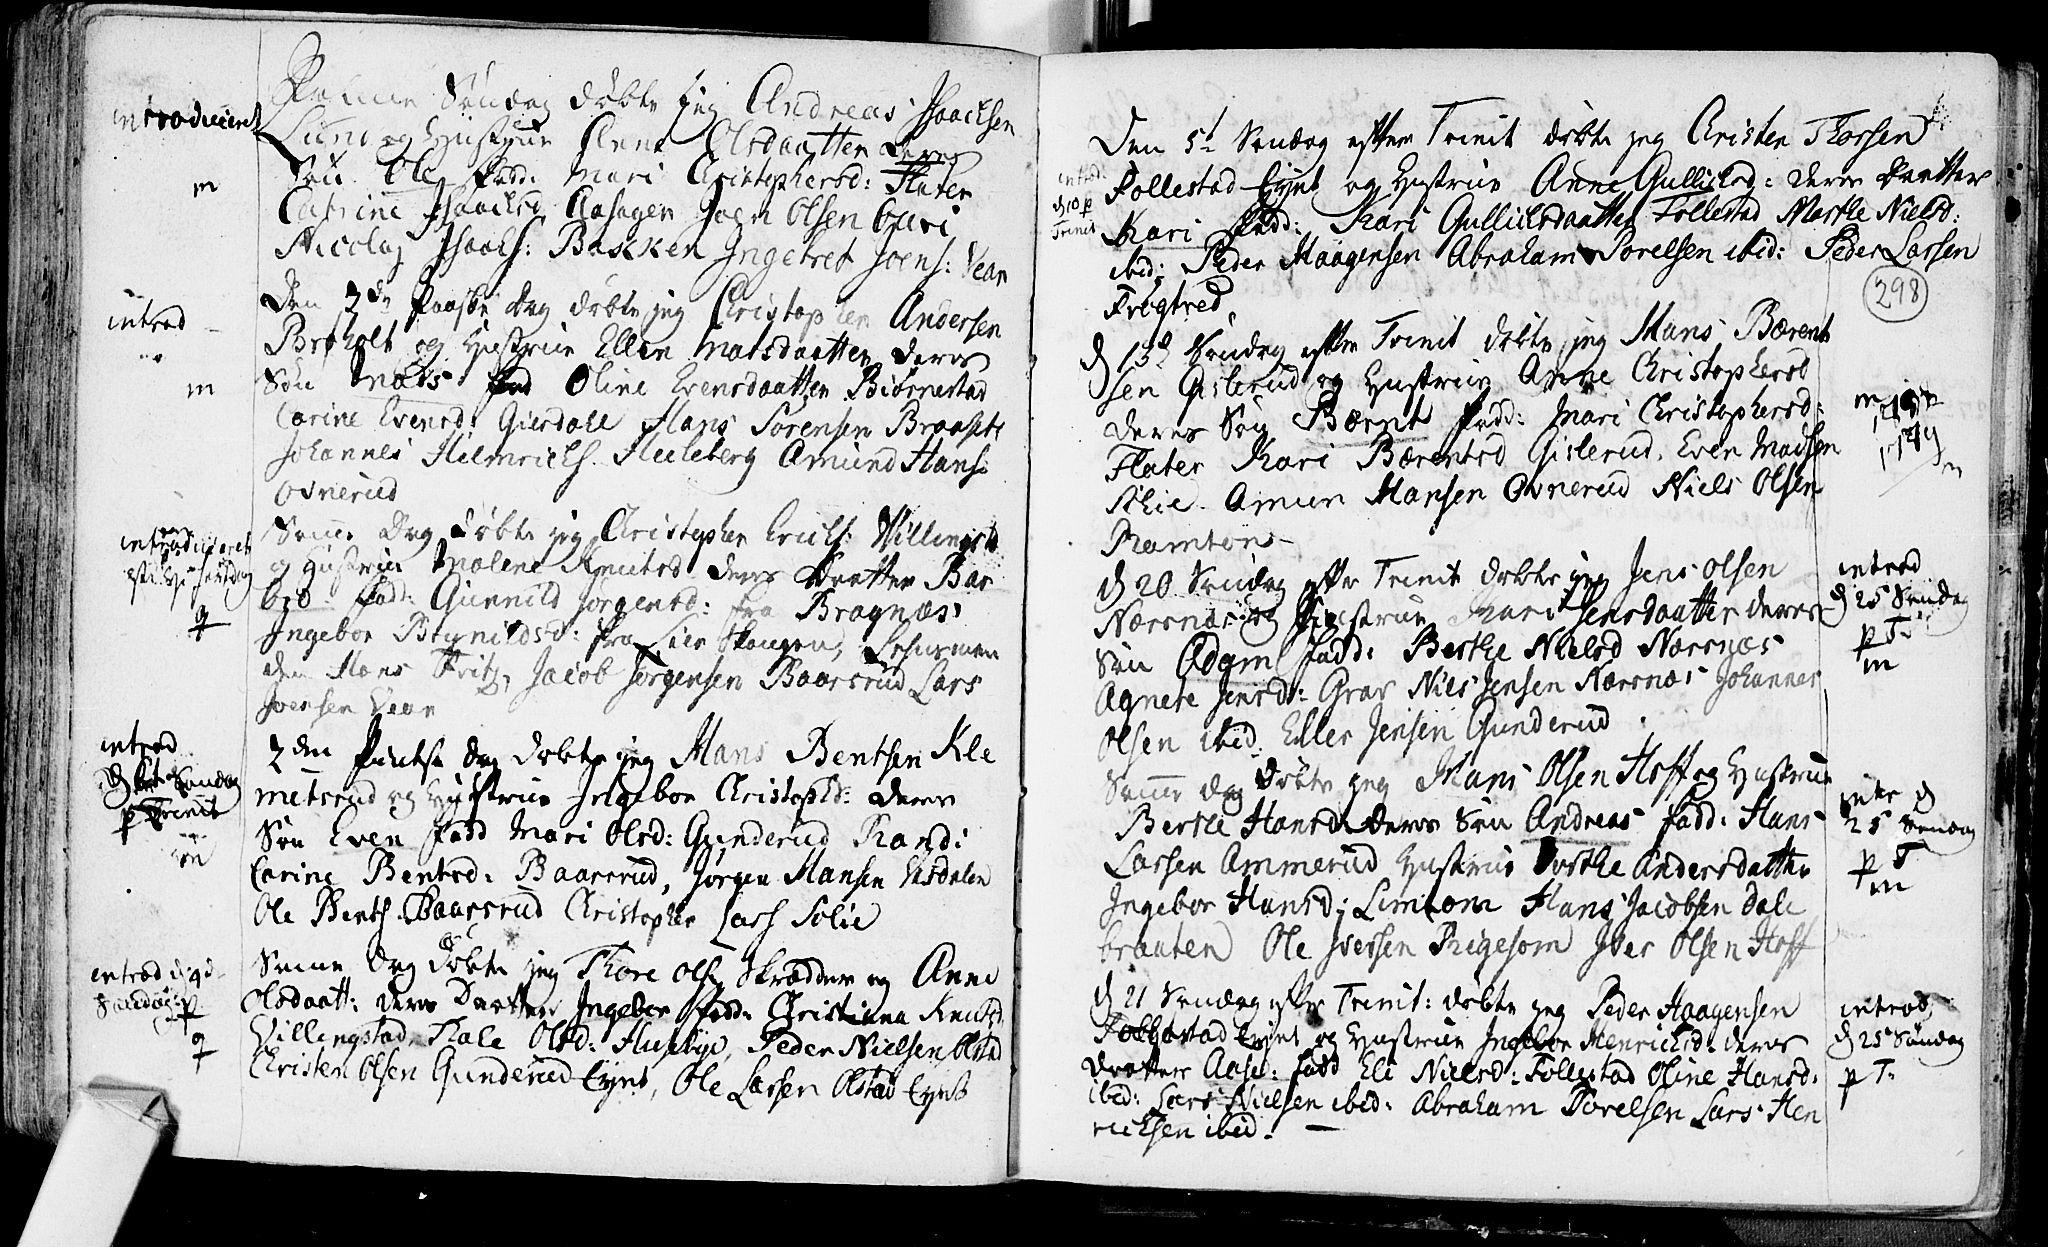 SAKO, Røyken kirkebøker, F/Fa/L0002: Ministerialbok nr. 2, 1731-1782, s. 298